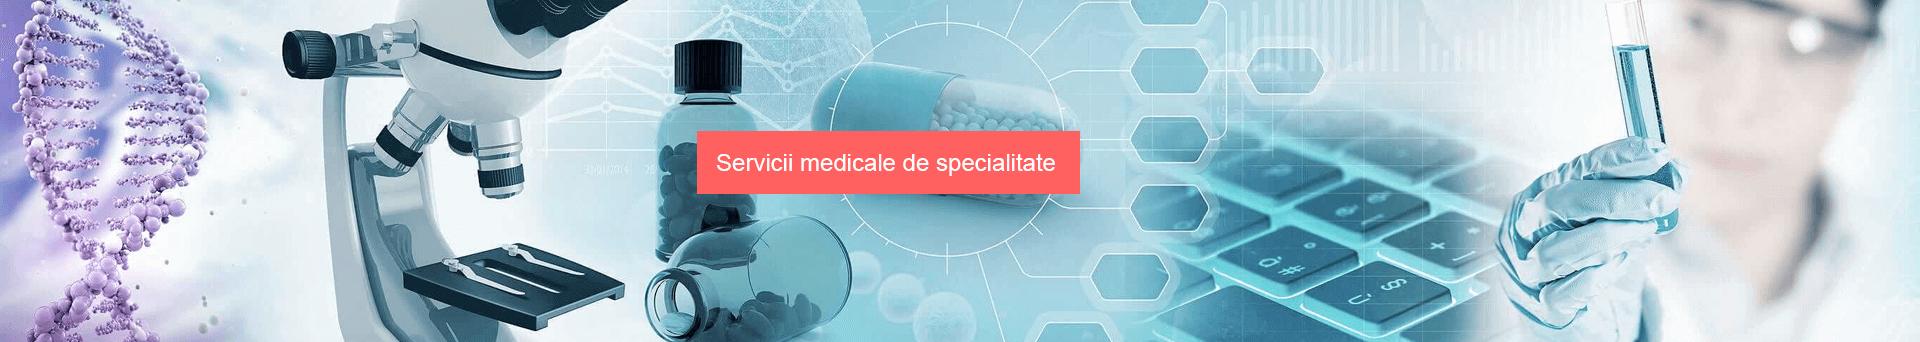 Servicii medicale de specialitate